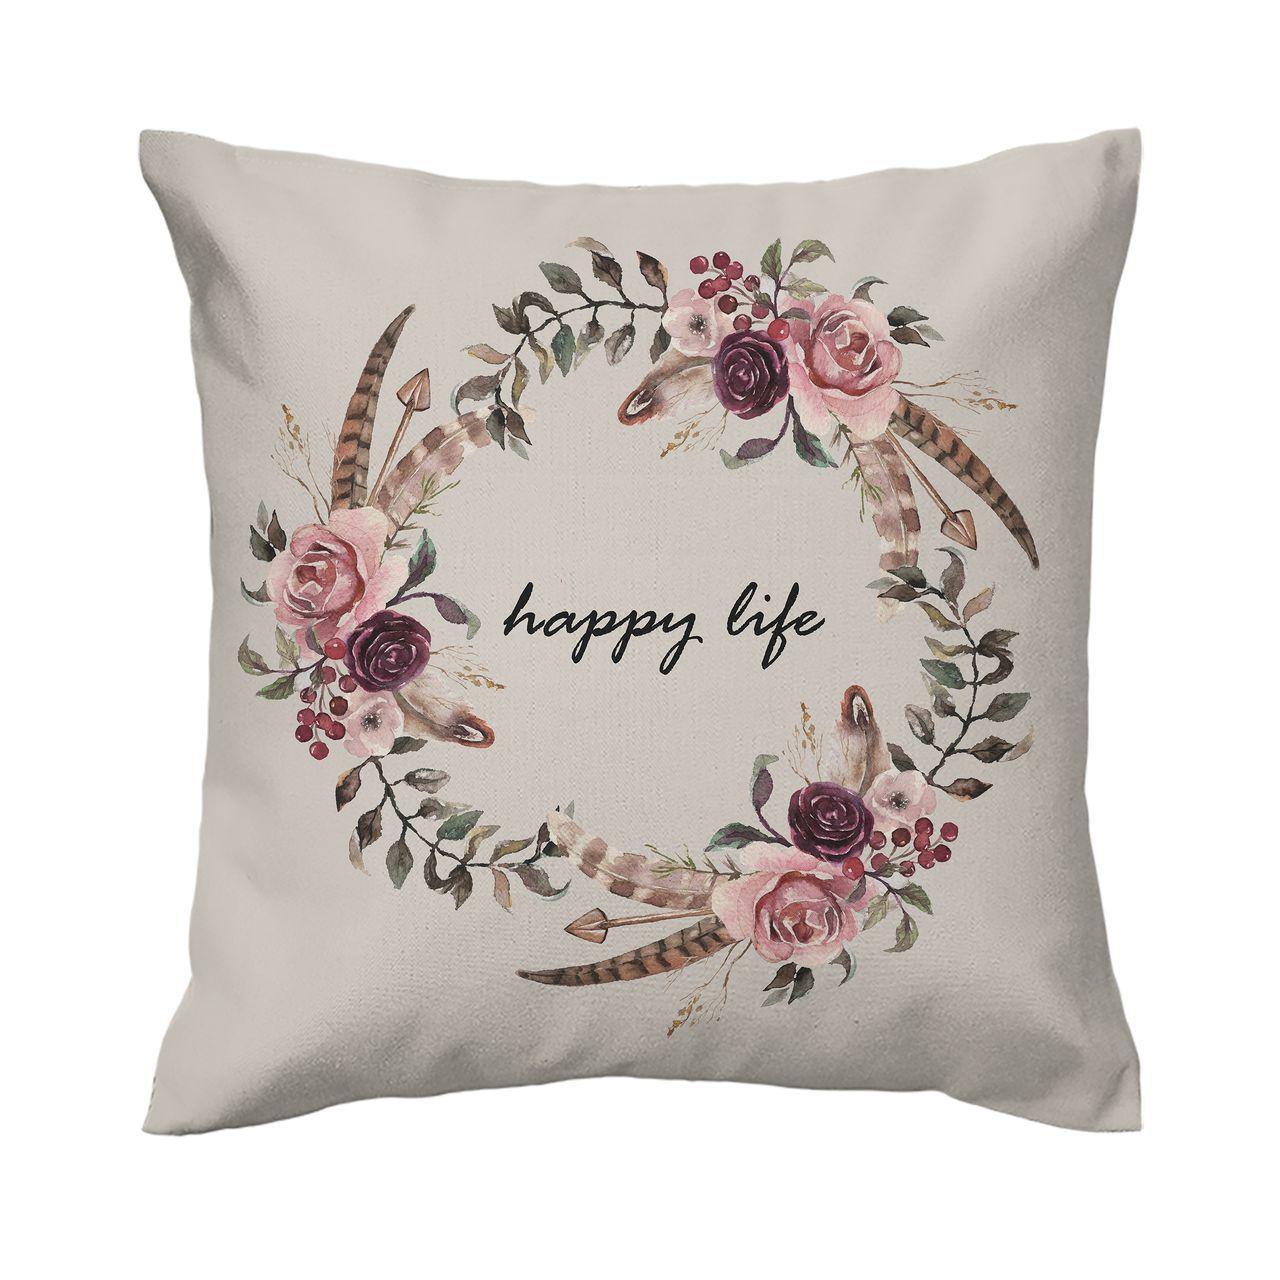 کاور کوسن طرح happy life کد 4128